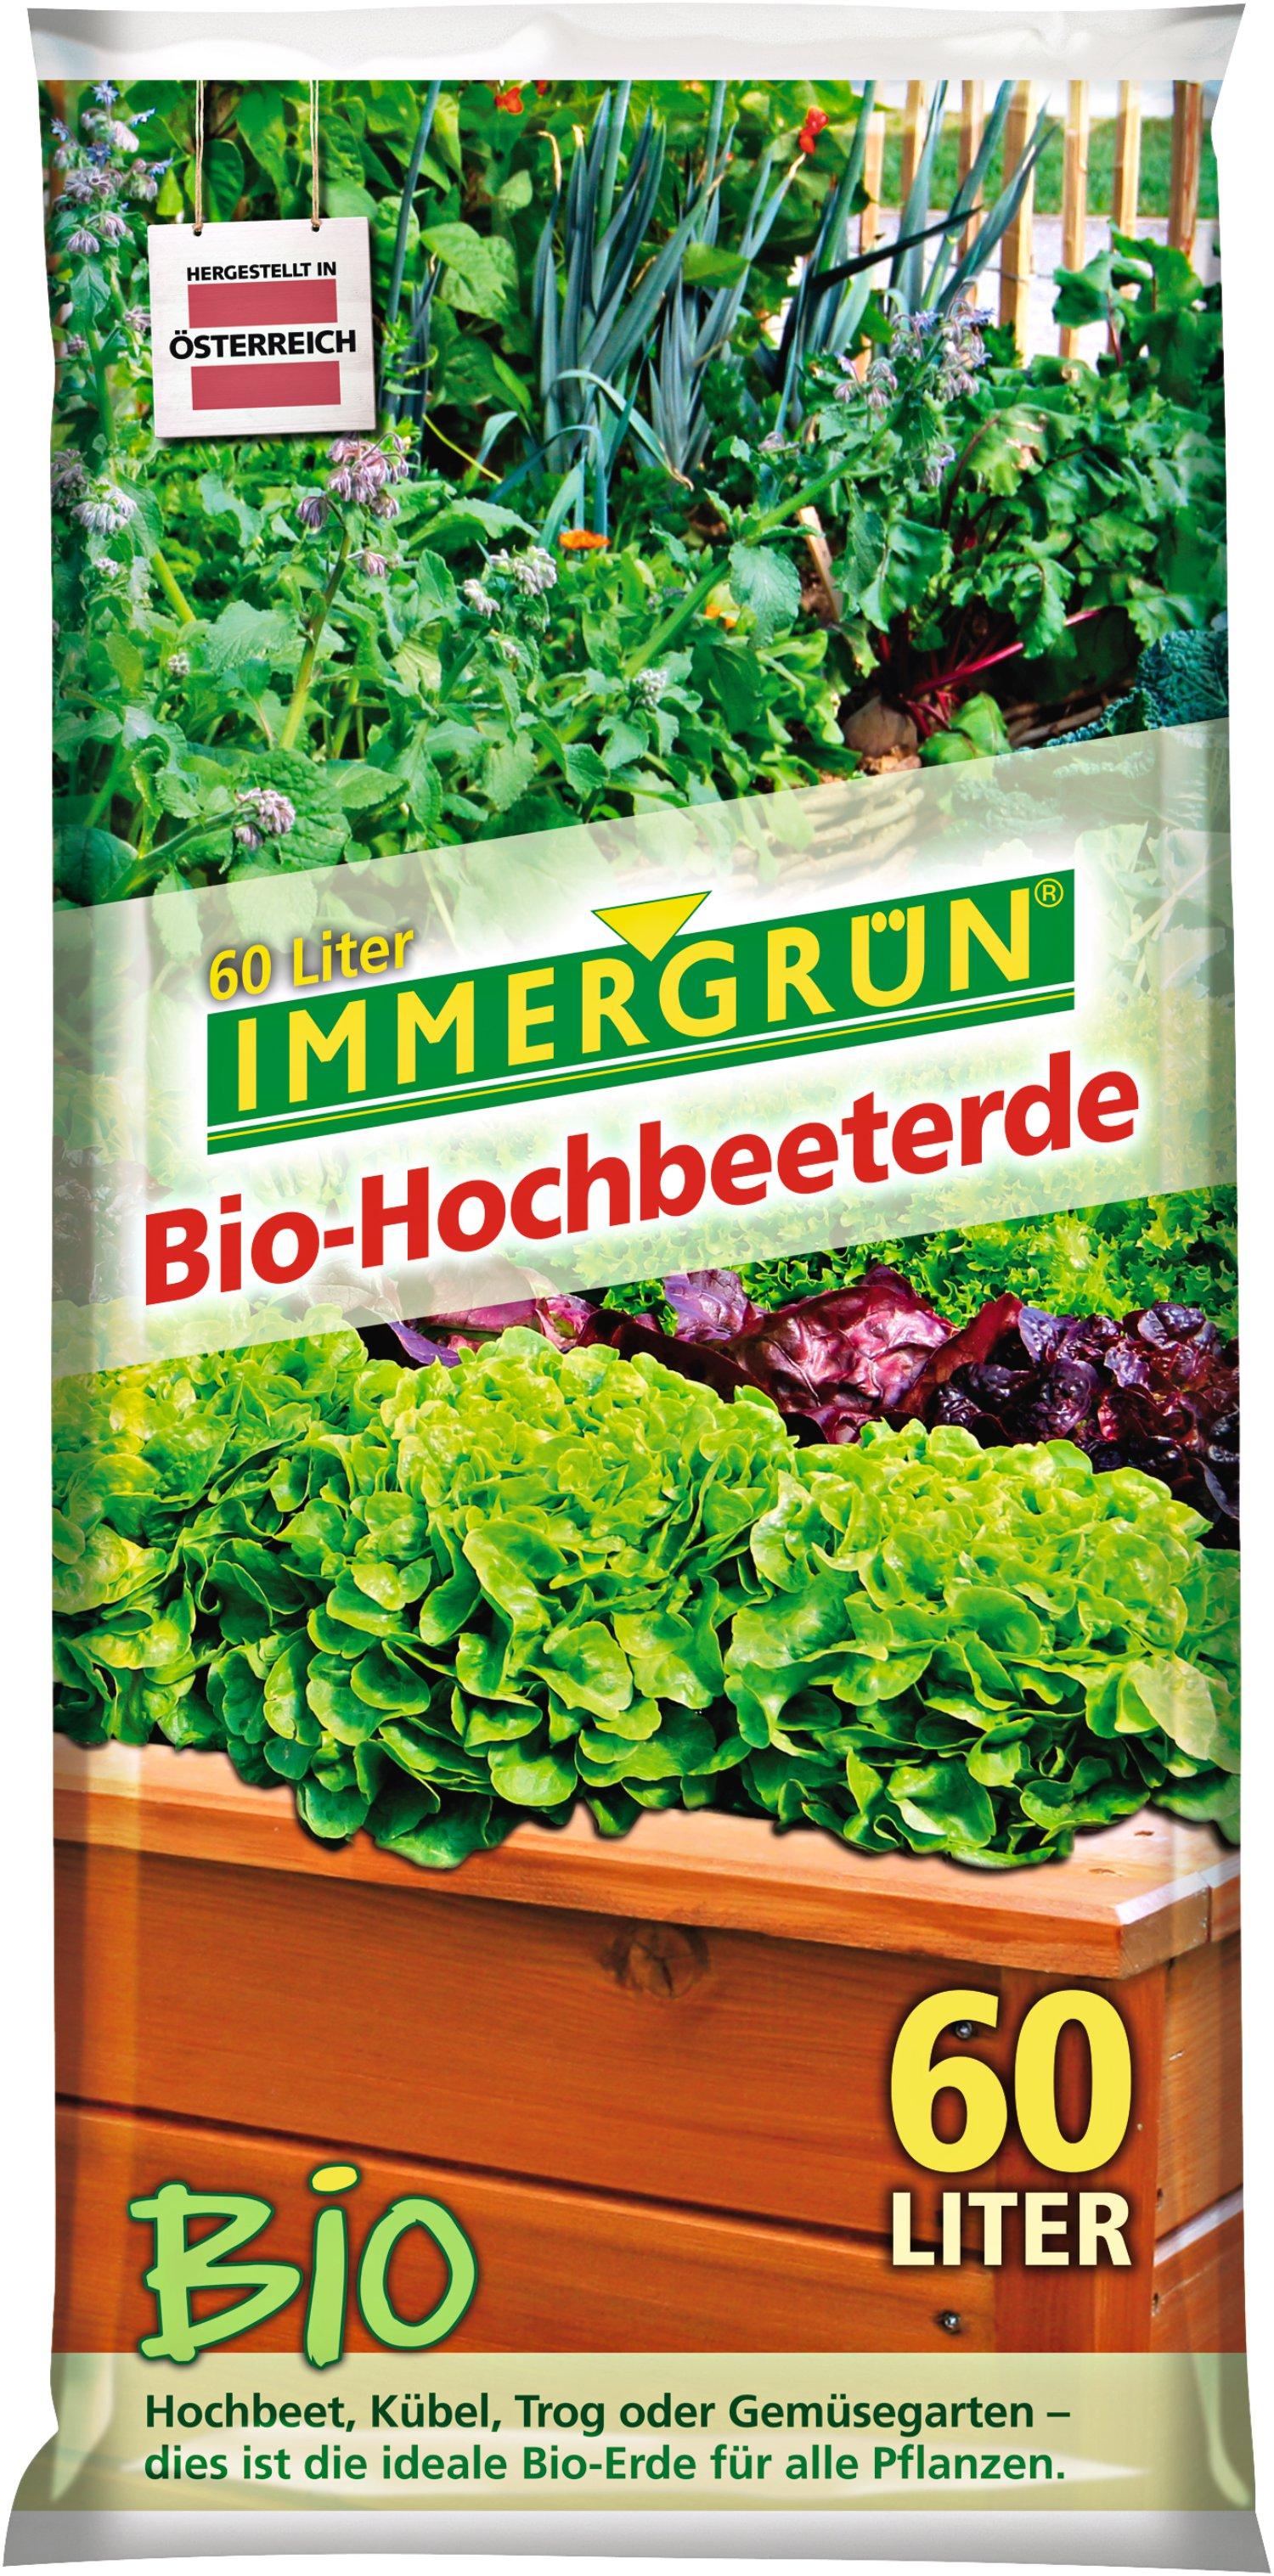 Immergrun Bio Hochbeeterde 60 L Lagerhaus